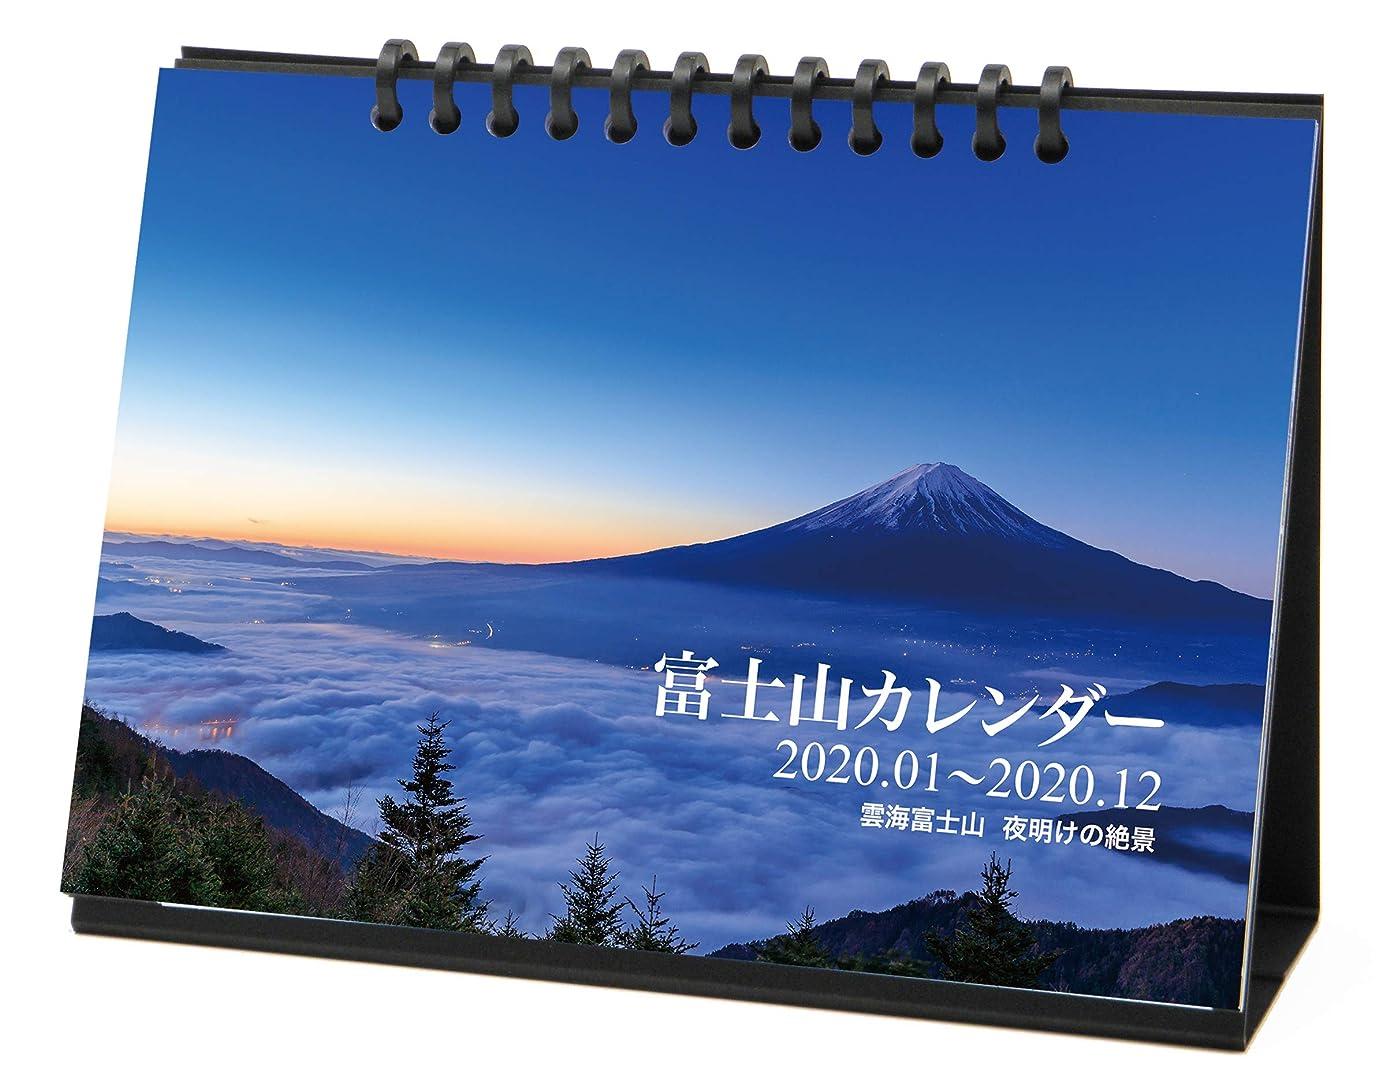 付属品威信立ち向かう2020年富士山卓上カレンダー 世界文化遺産?霊峰富士の12ヶ月